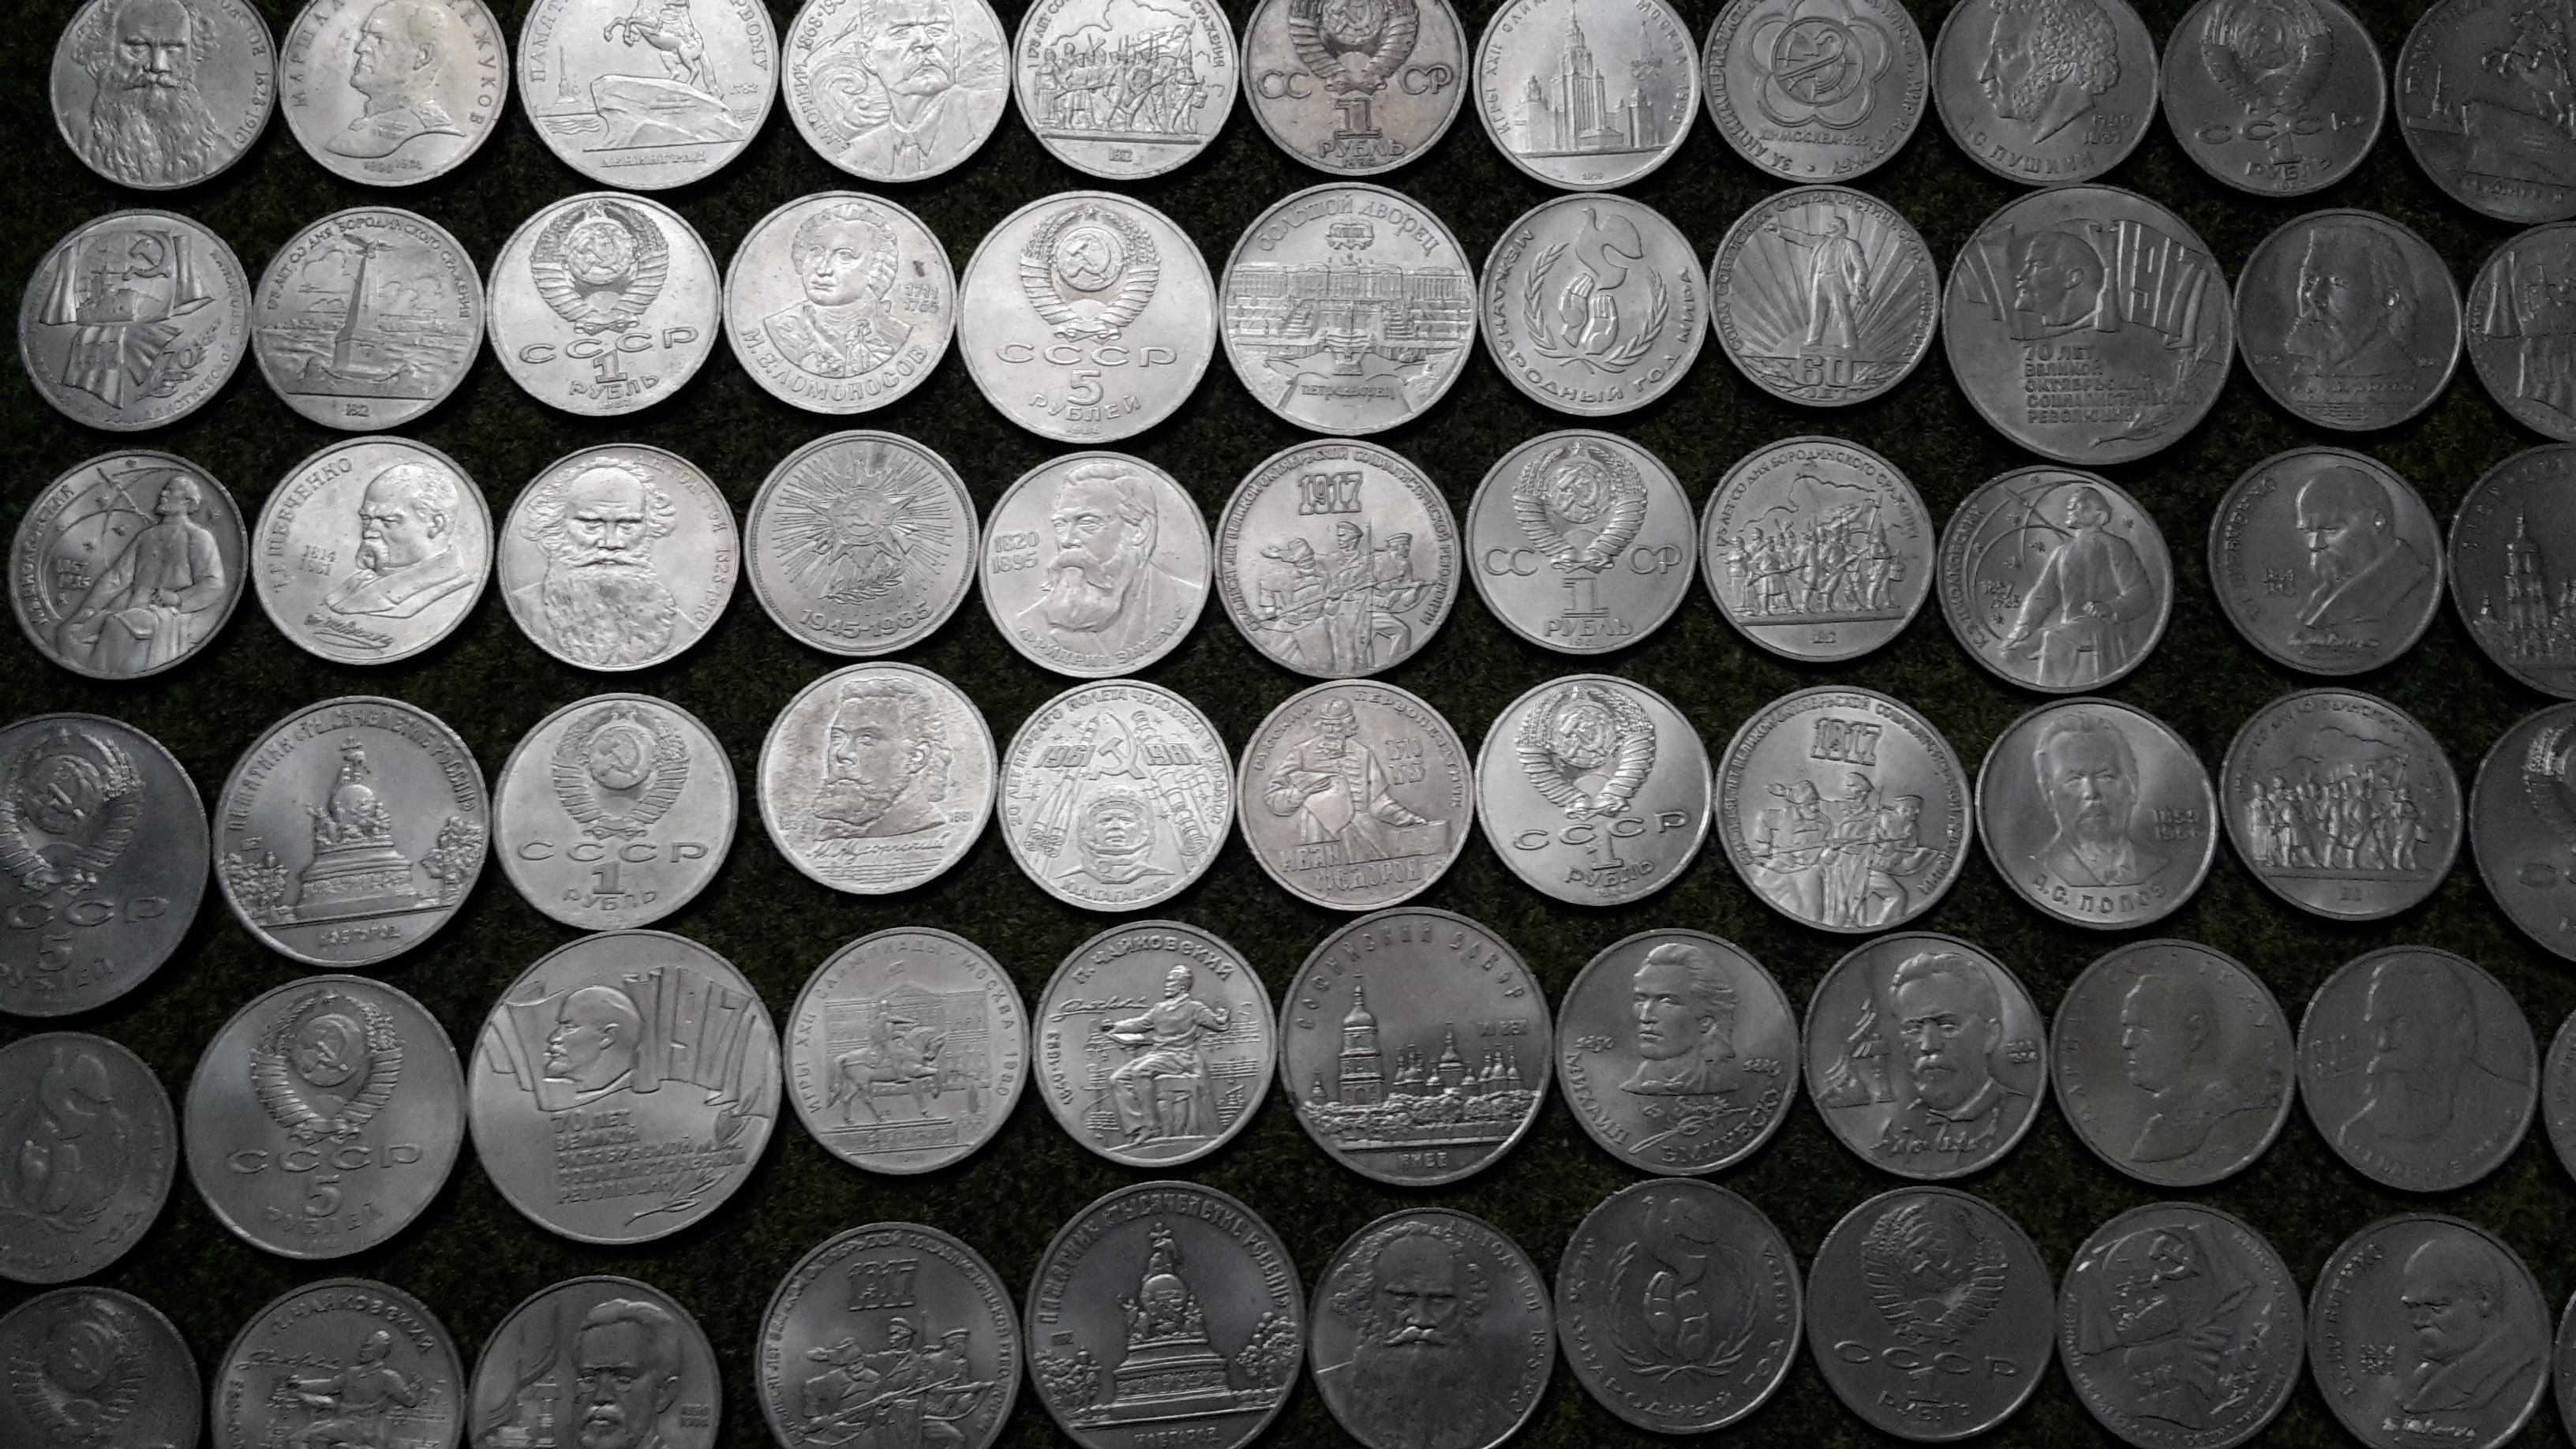 фото всех юбилейных монет ссср копеек модели отличаются наличием